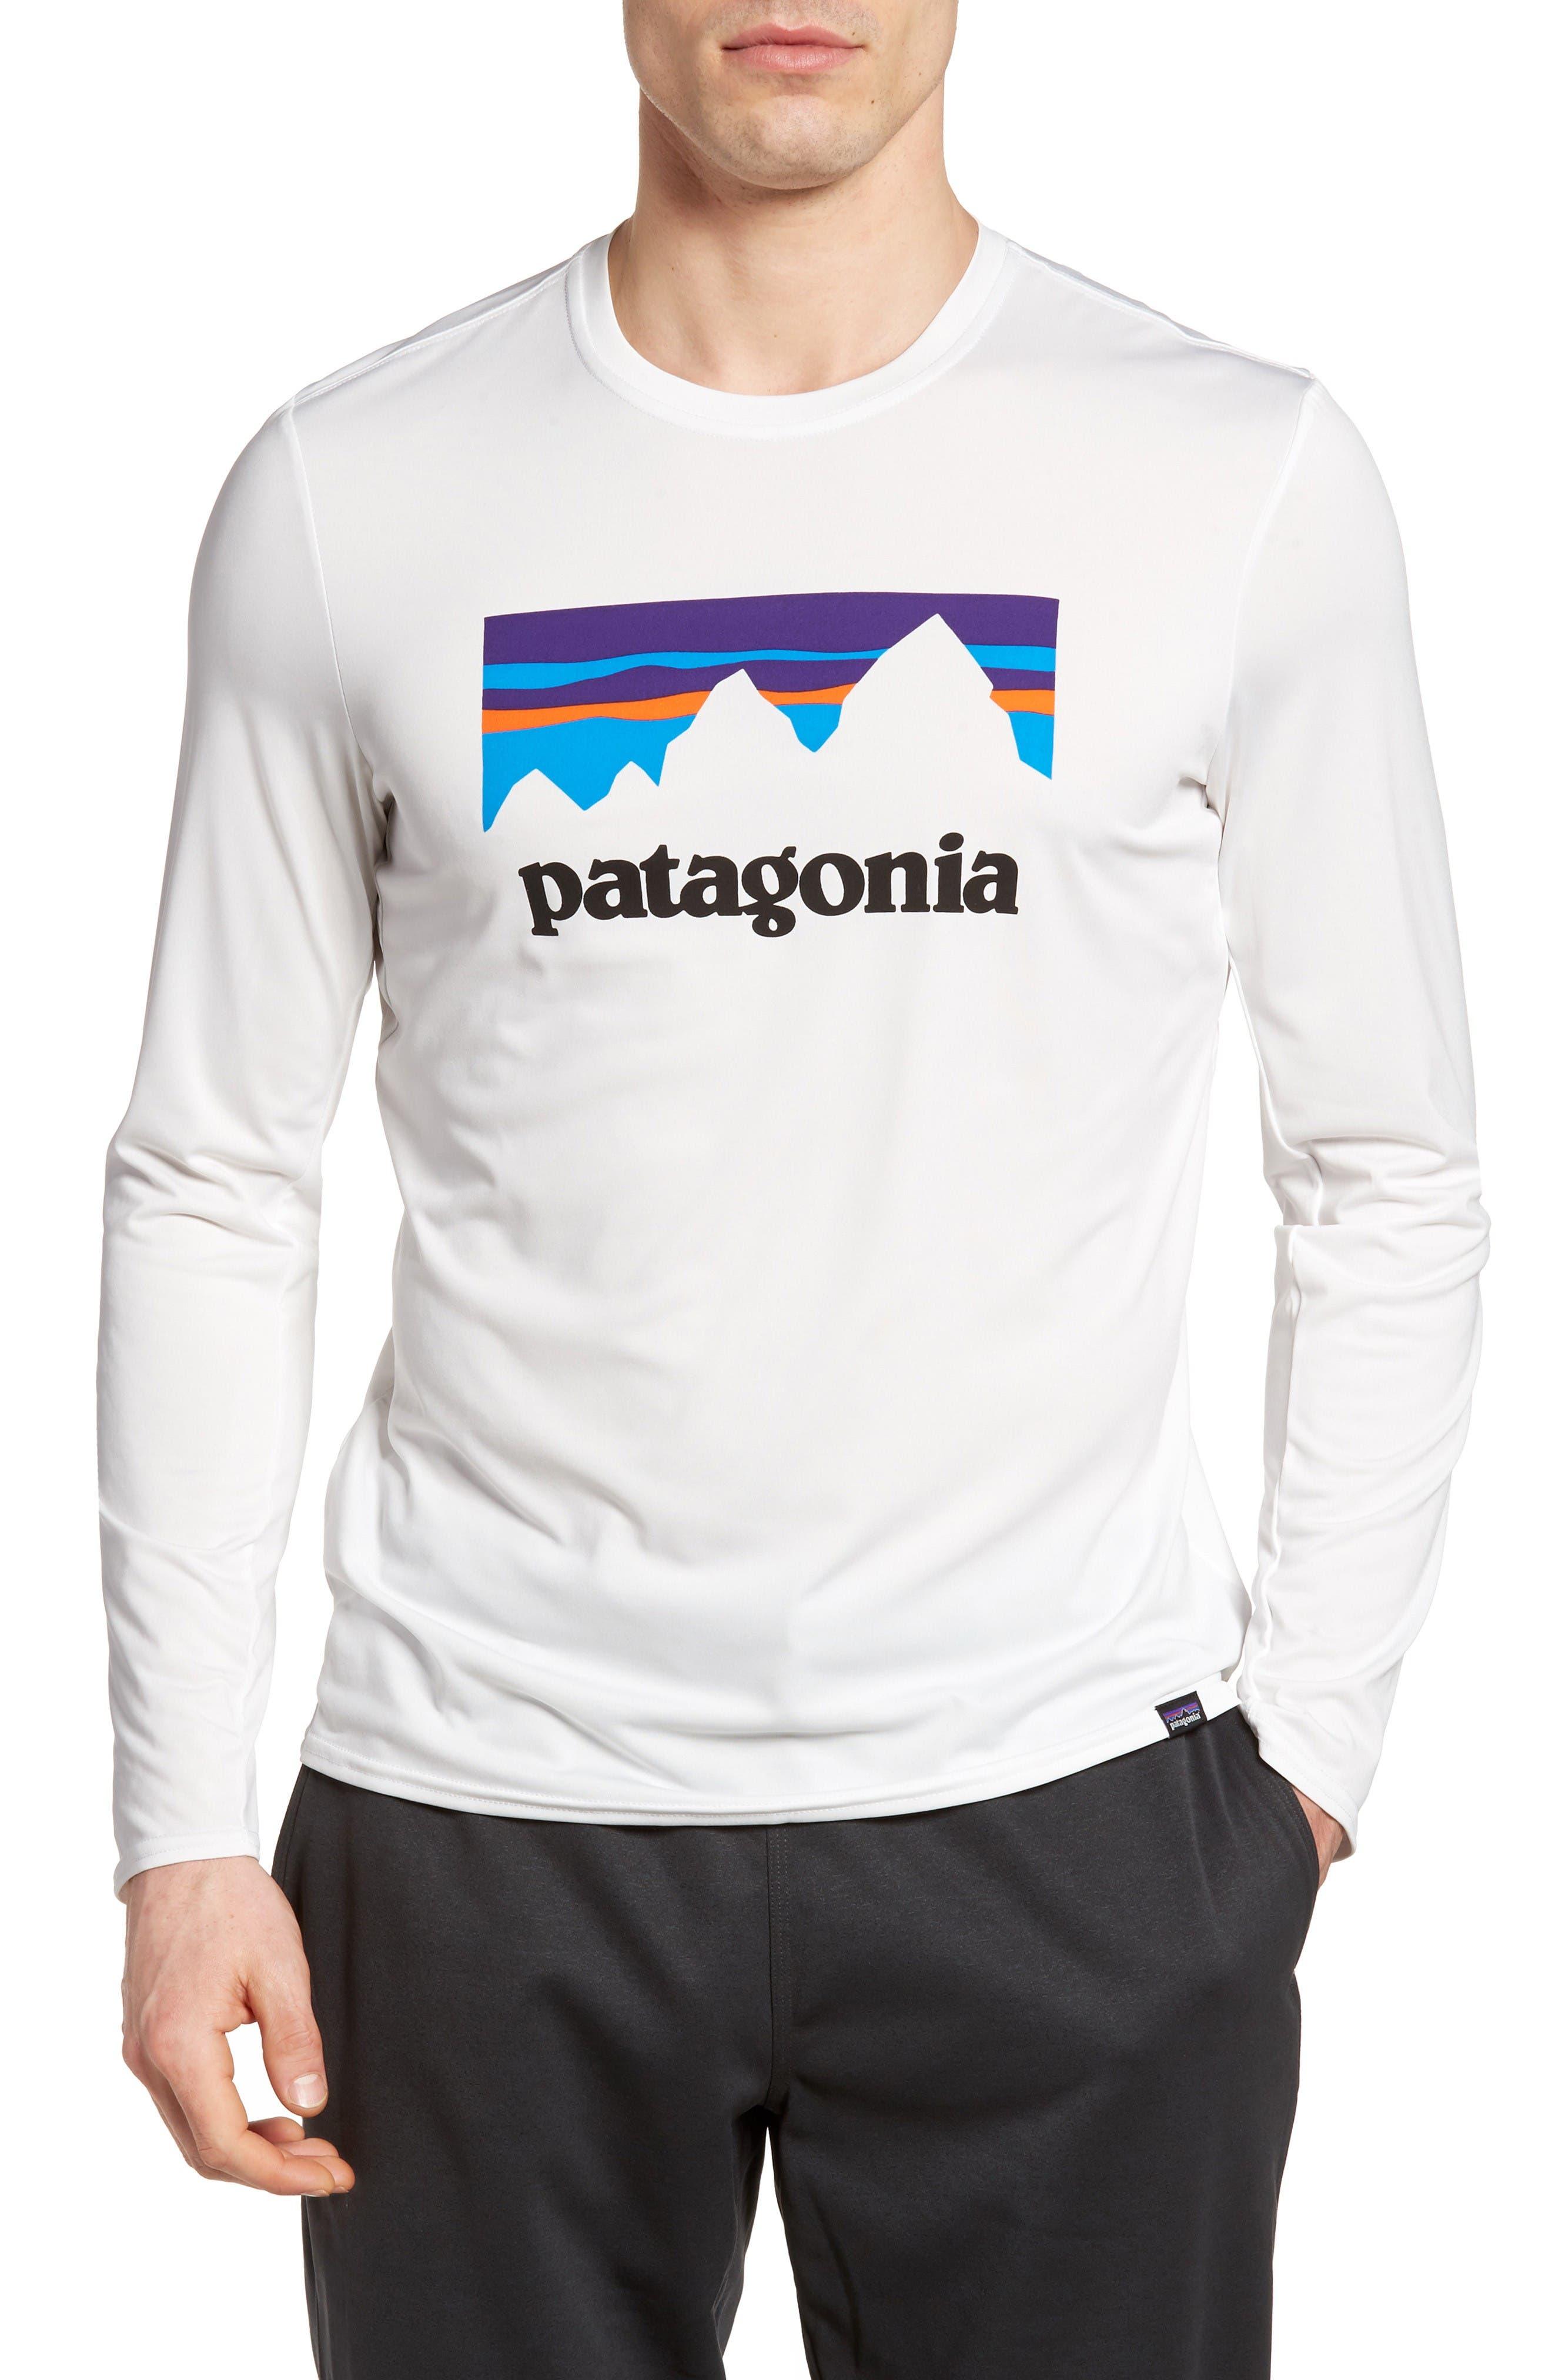 Patagonia Logo T-Shirt